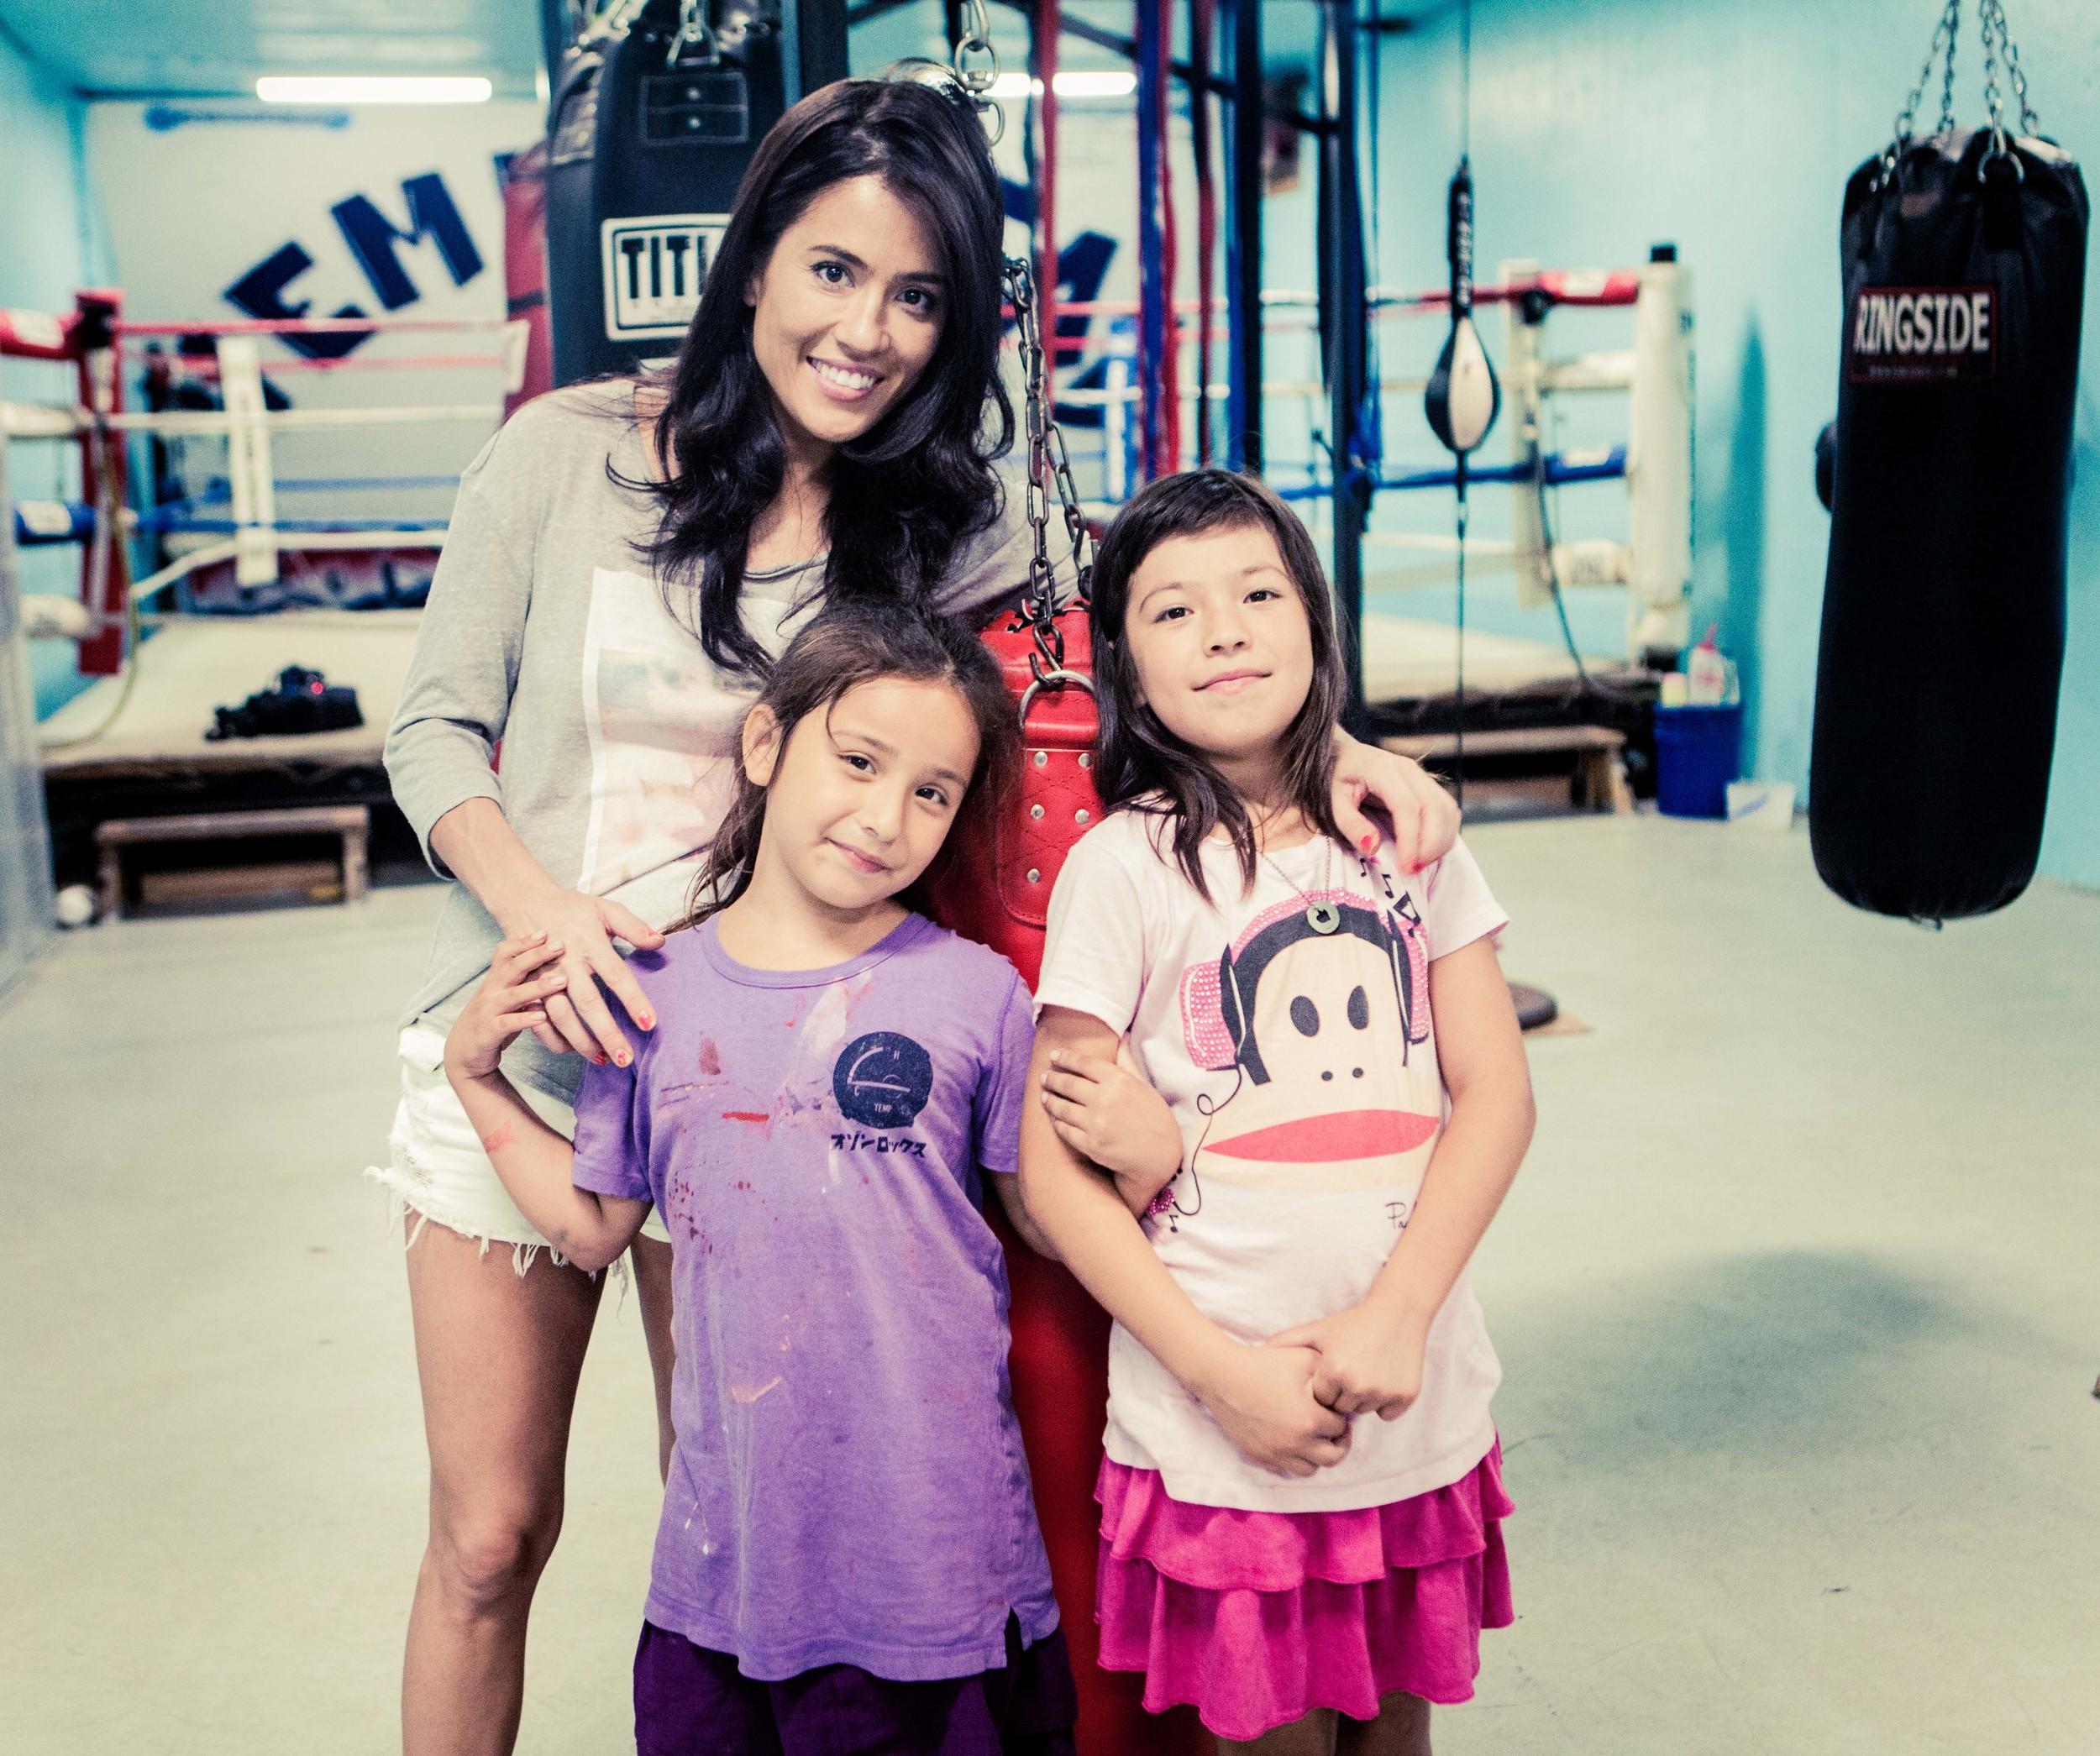 Ashley, Cara Castronuova, and Diana